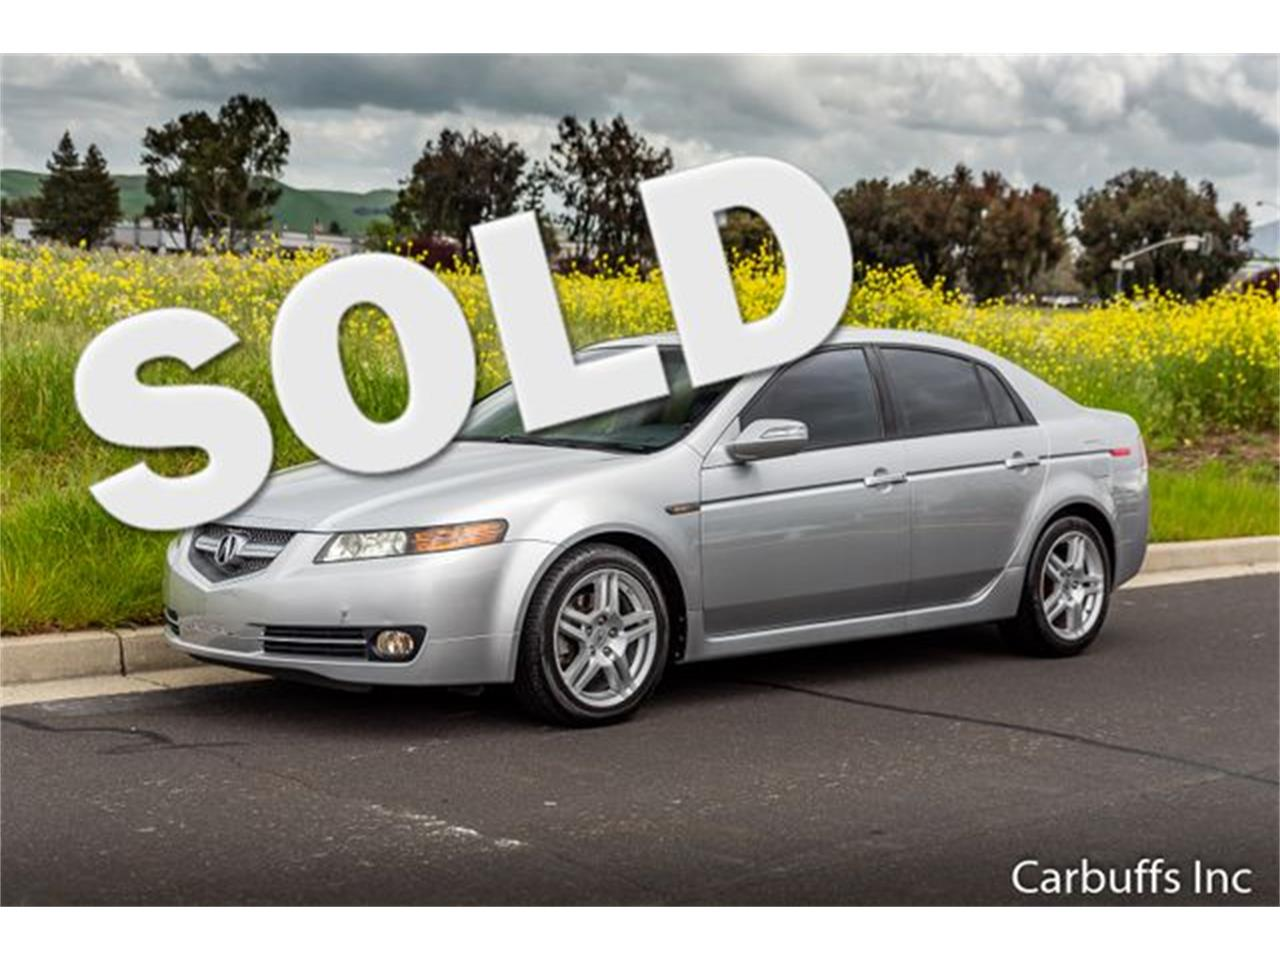 For Sale: 2008 Acura TL in Concord, California